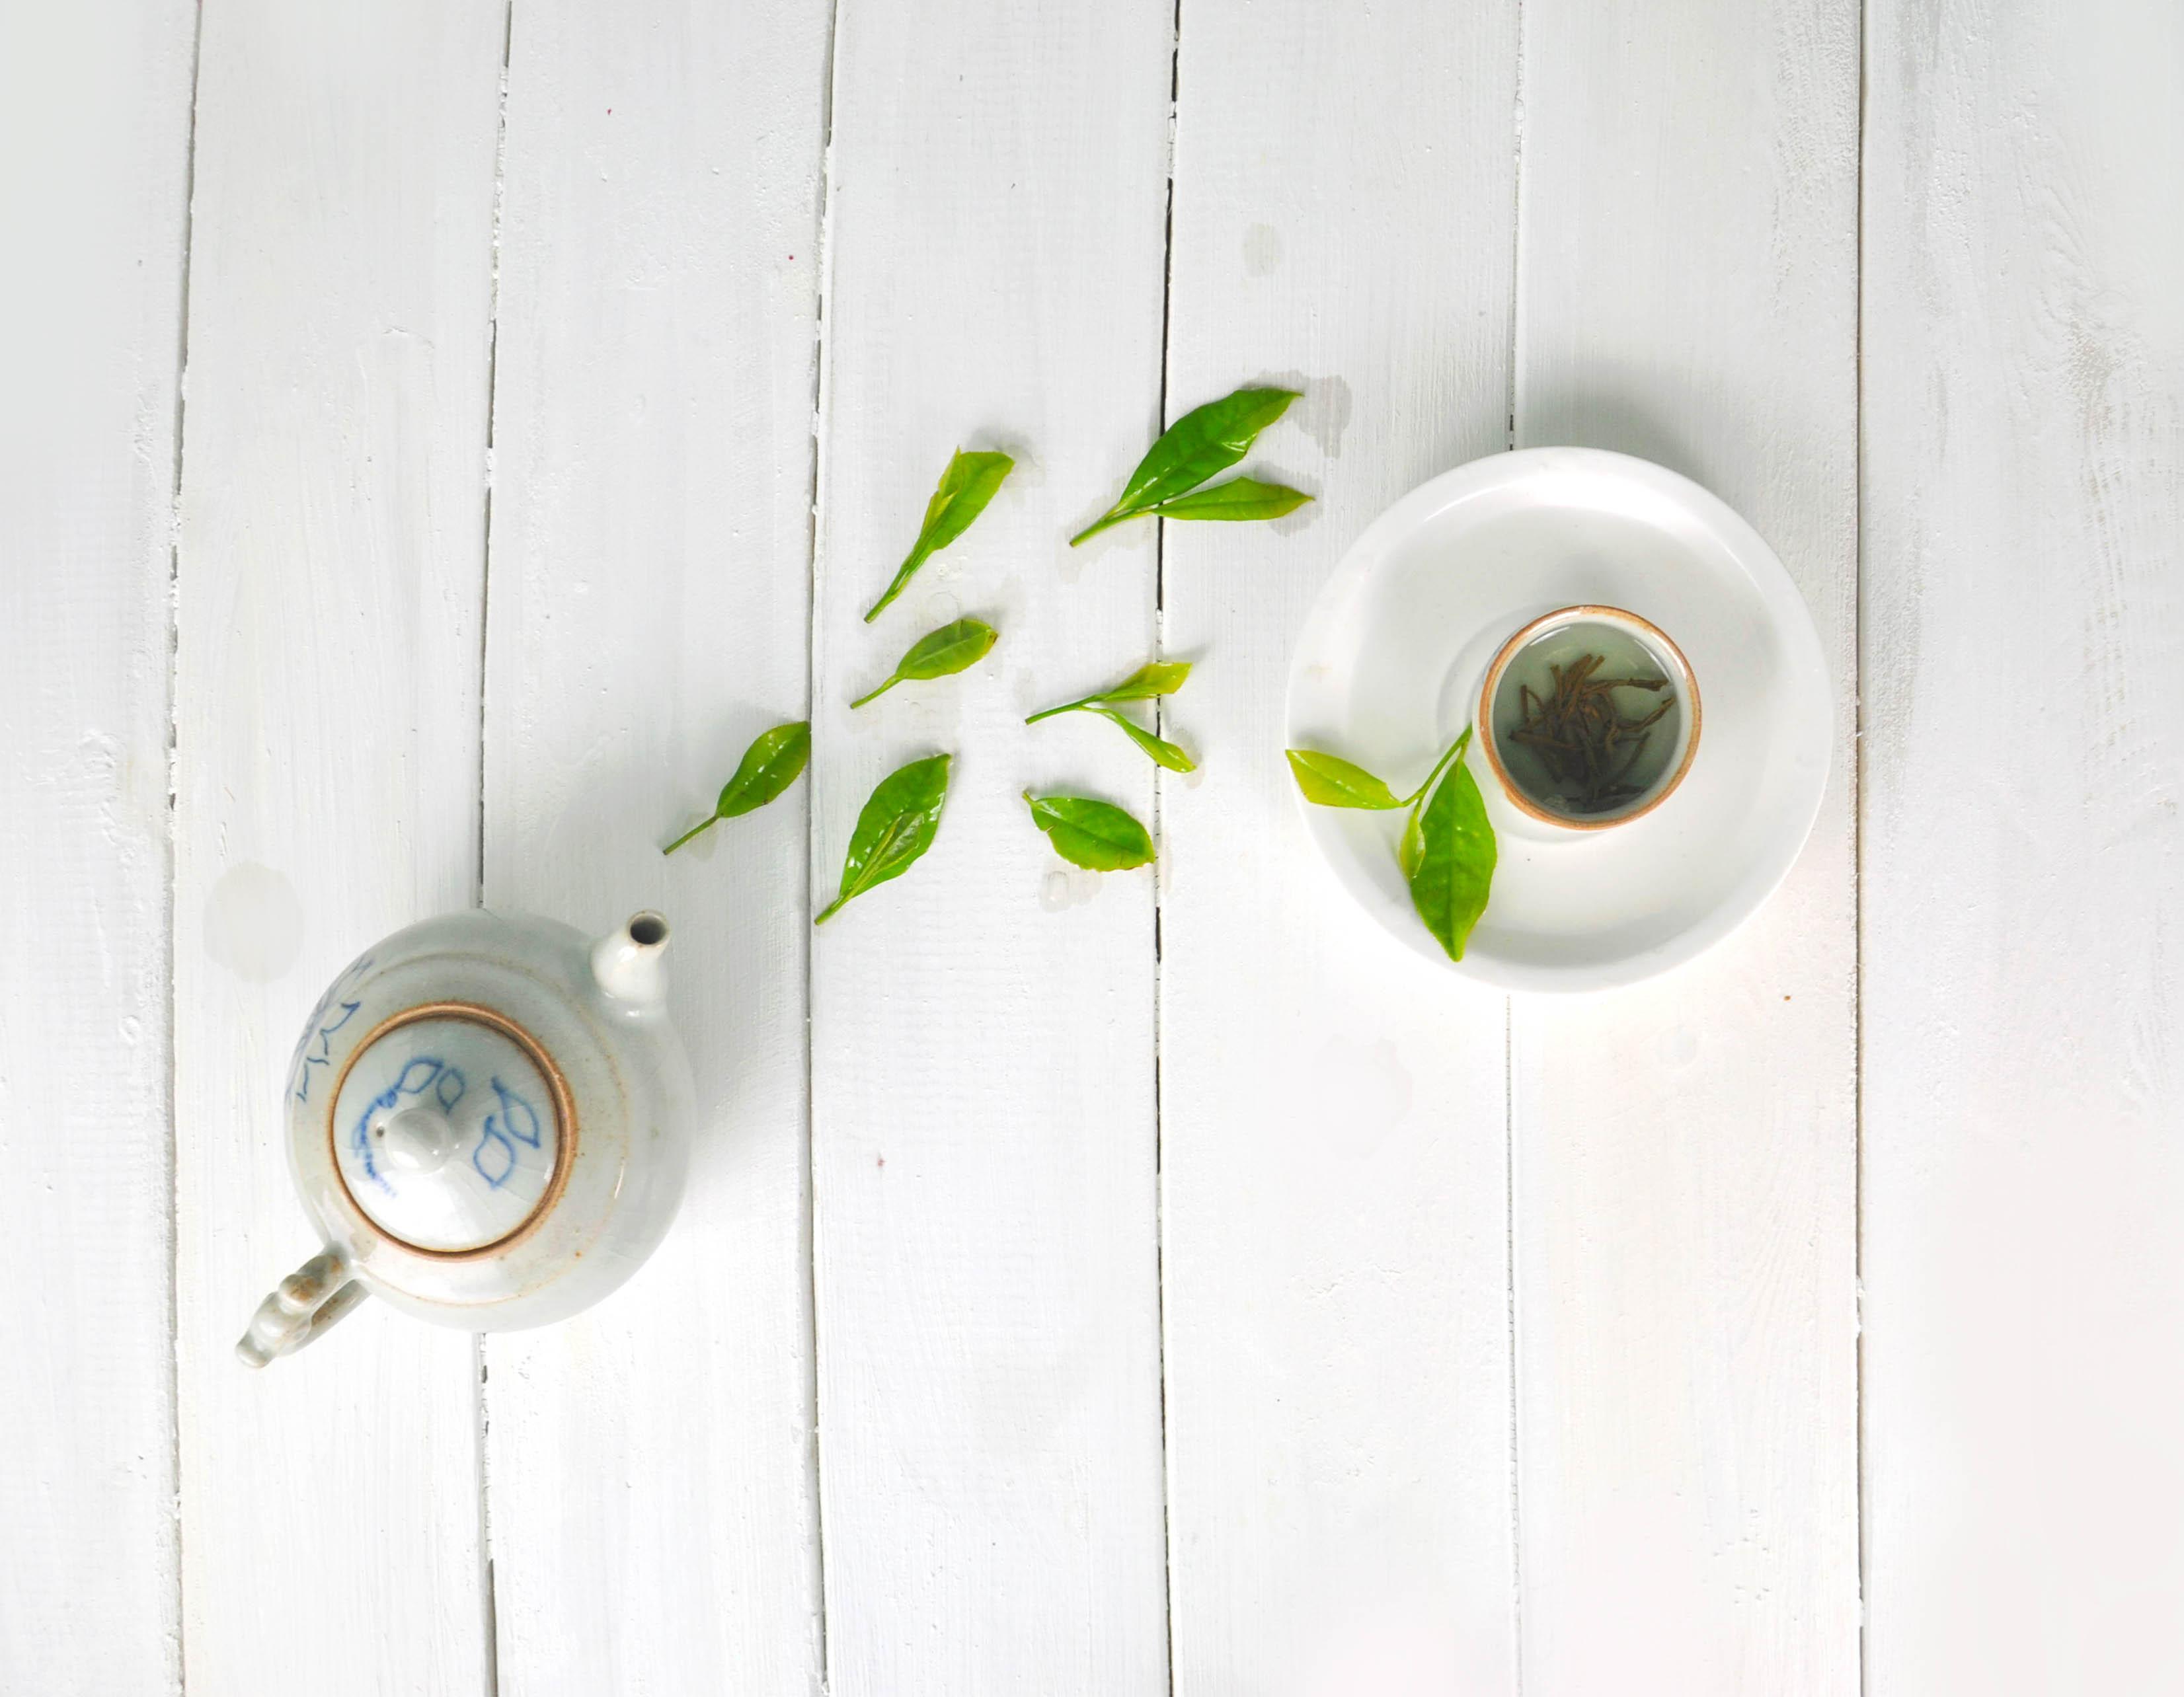 五子补肾茶的做法及功效